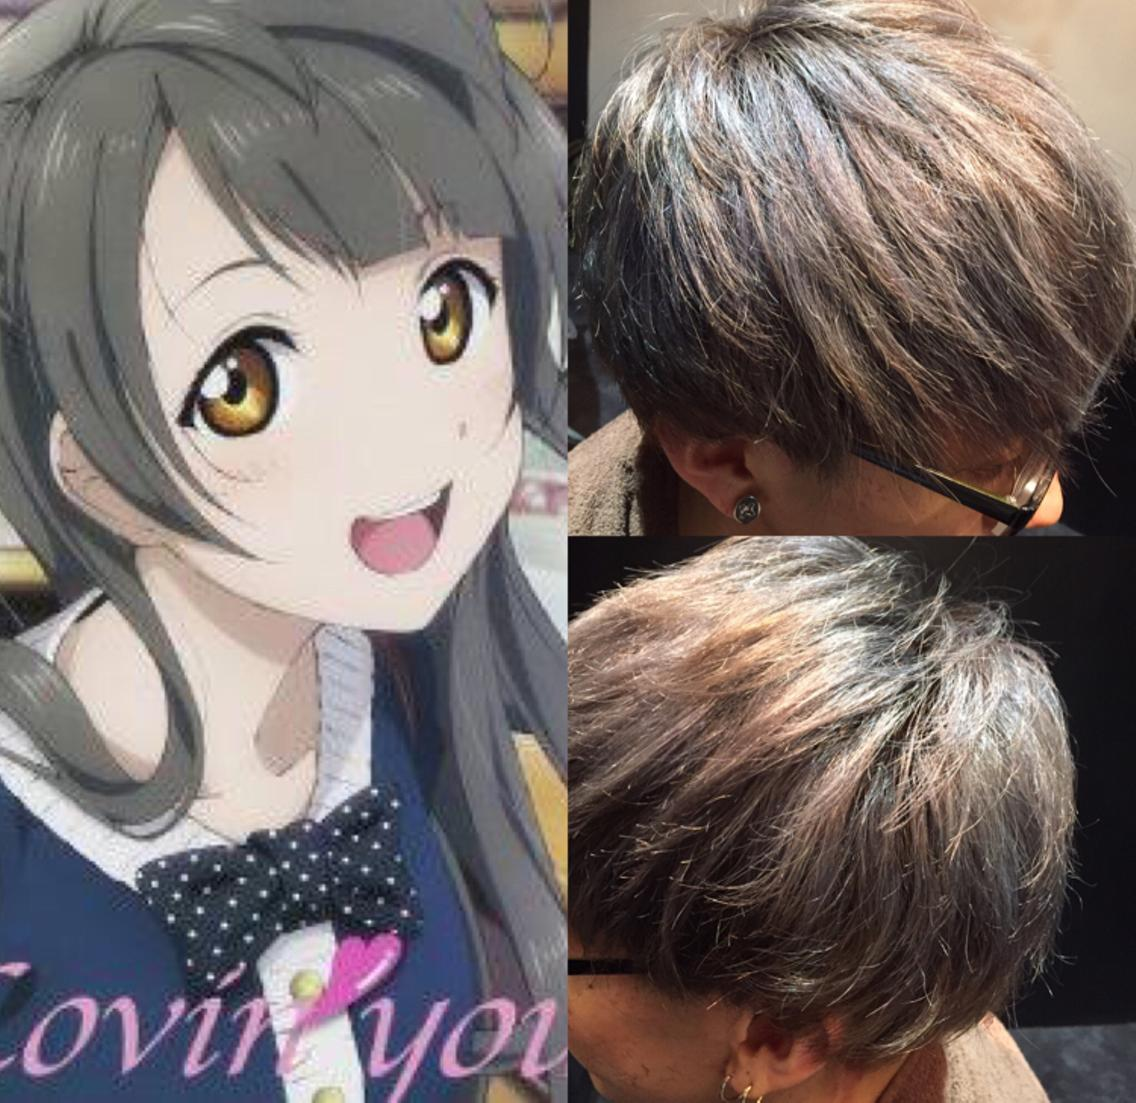 アニメ好きの皆様必見❗️❗️同じ髪型になりませんか❓僕なら出来ます❗️❗️やらせてください❗️( ´ ▽ ` )ノ